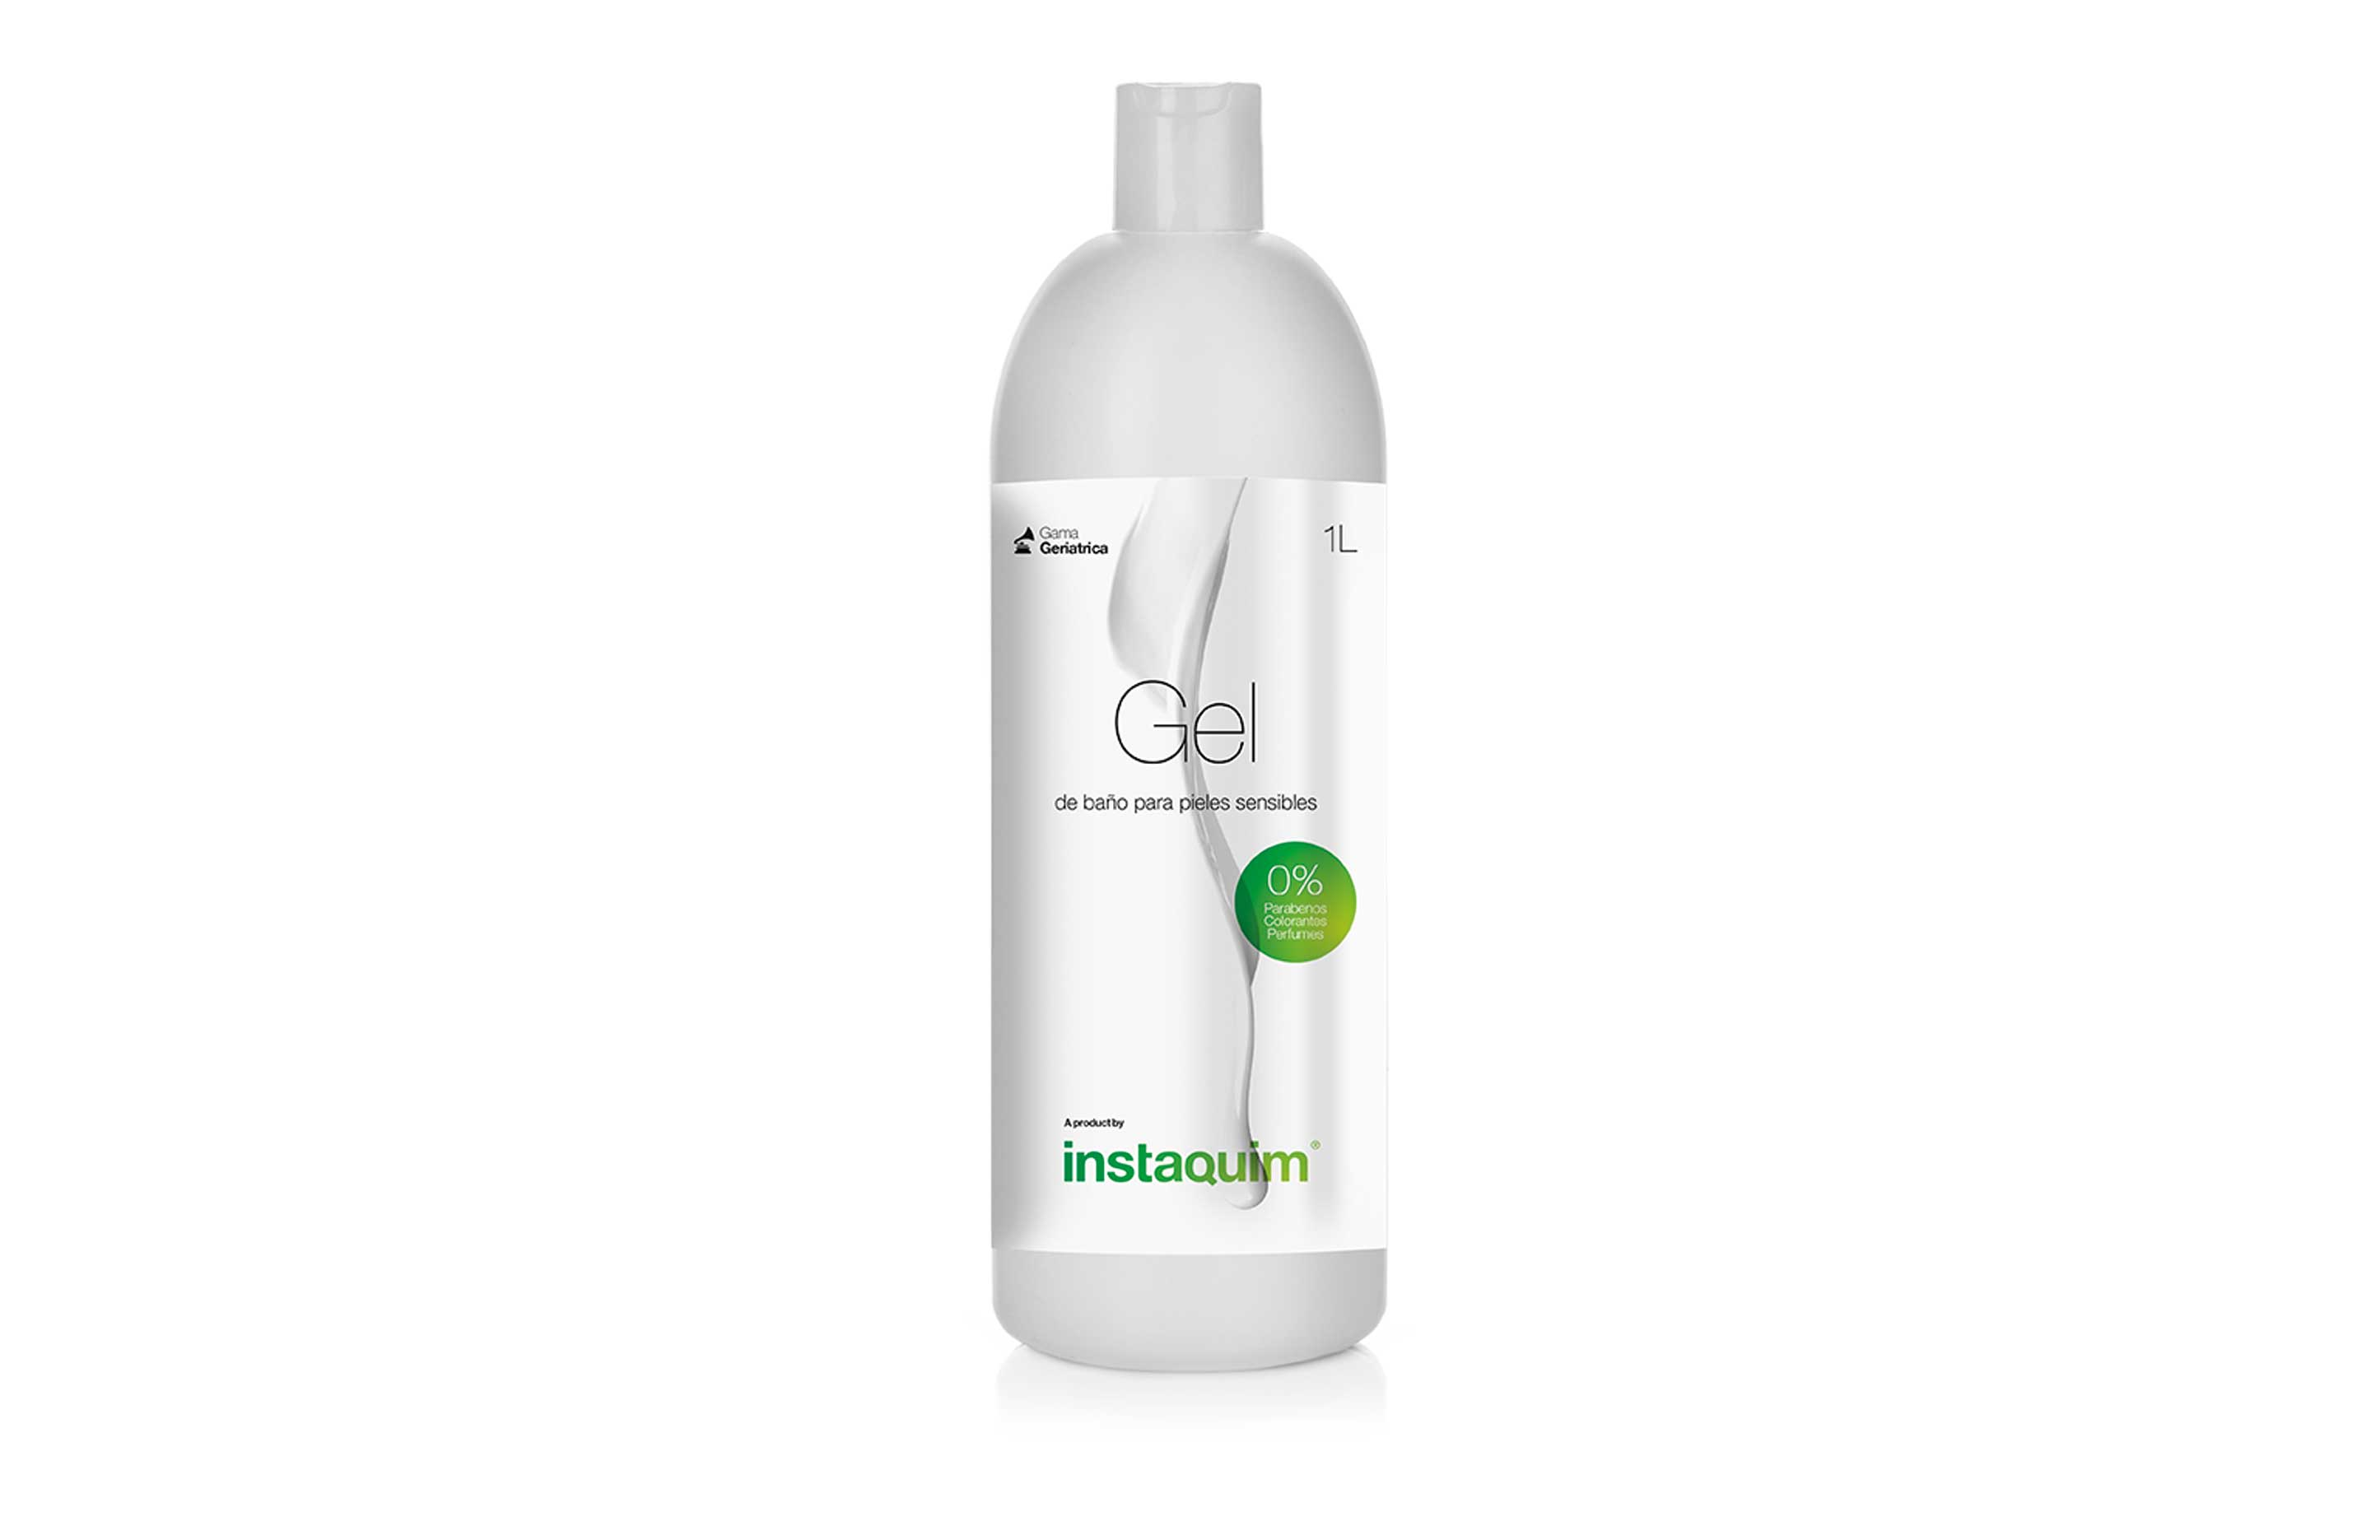 Gel de baño piel sensible 0%, especial para pieles sensibles.